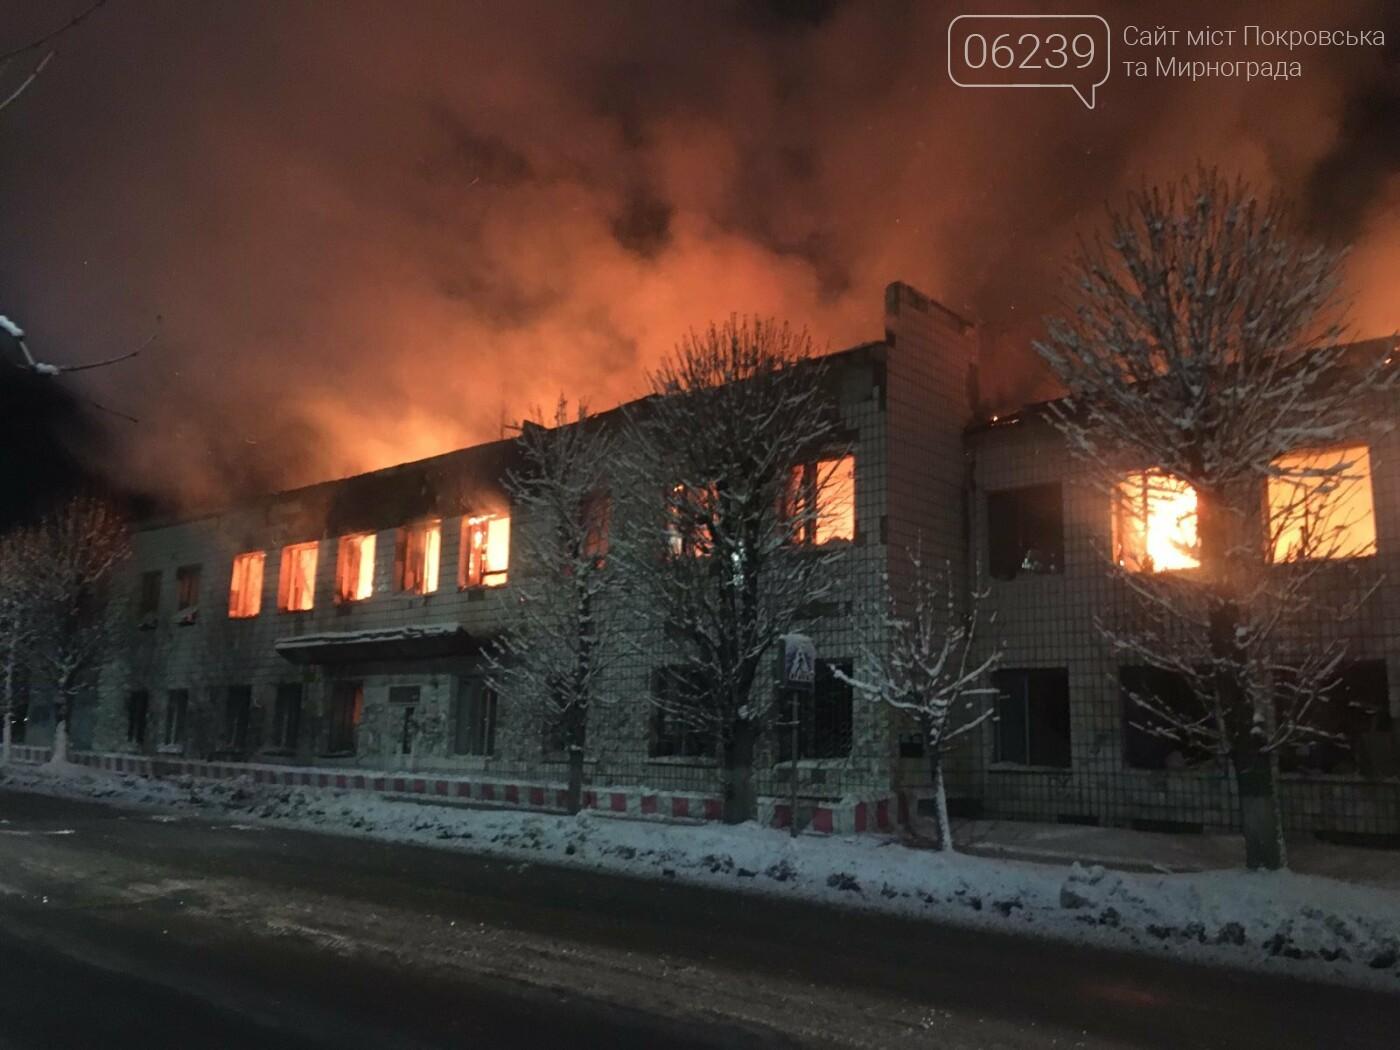 Стали известны детали пожара здания ВЦ в центре Мирнограда, фото-2